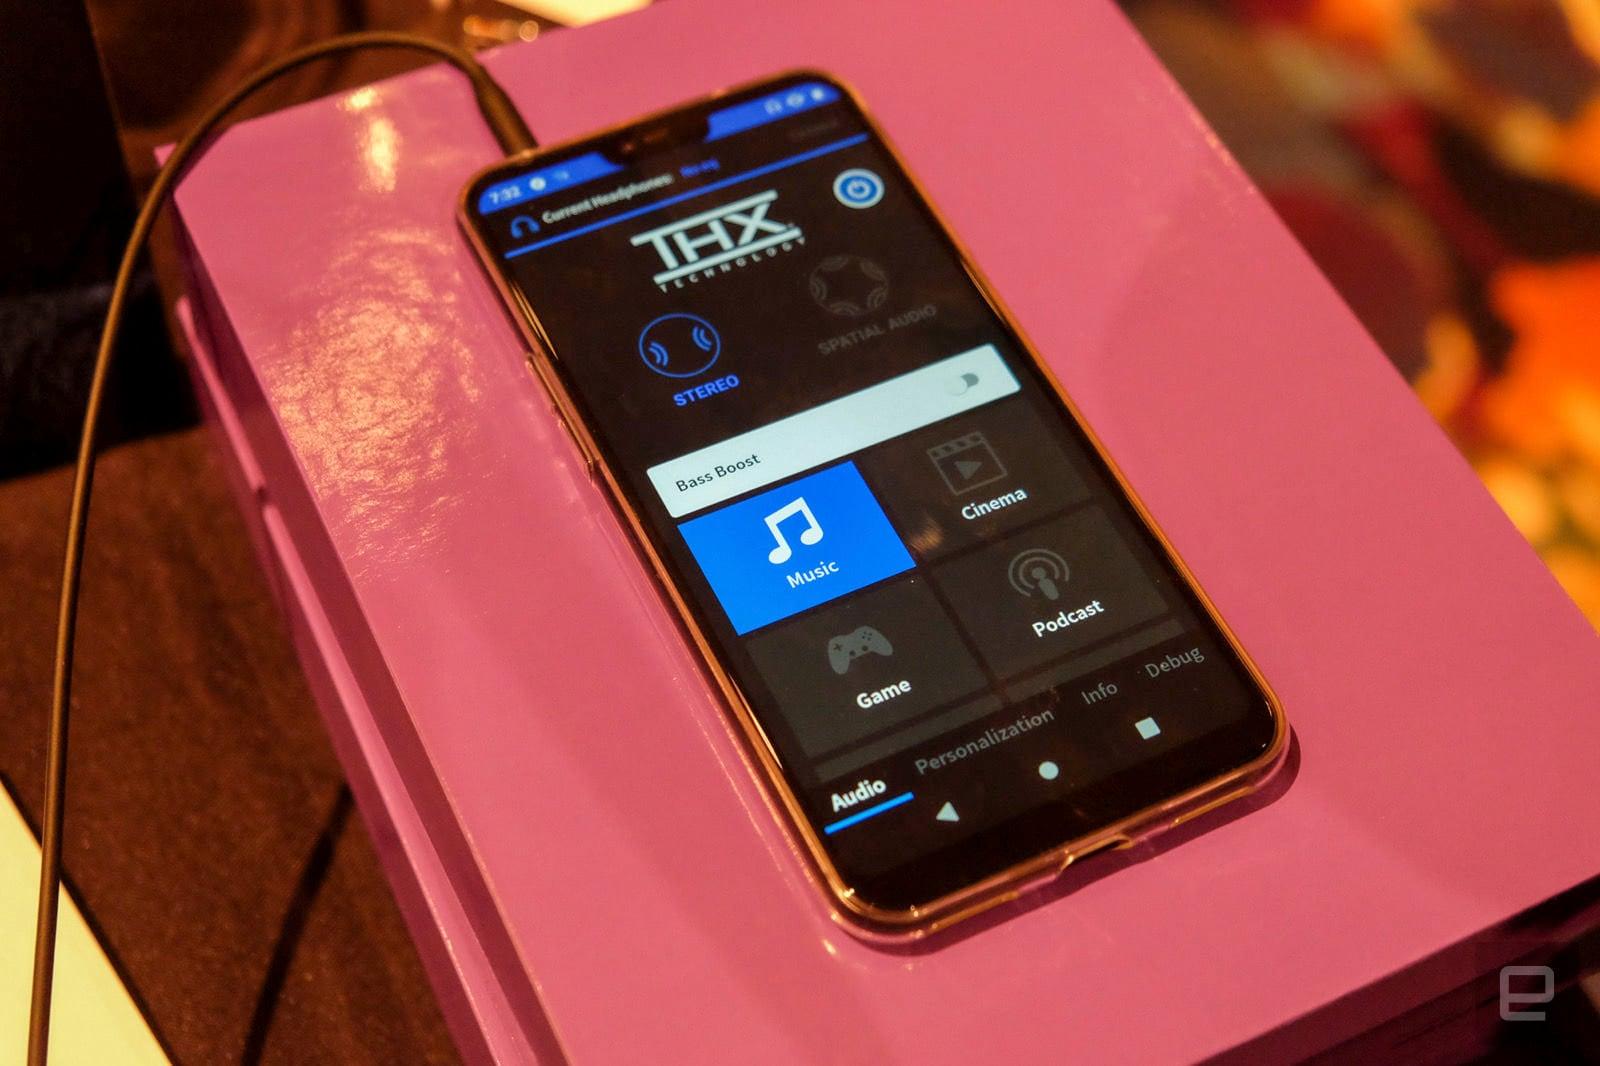 THX vuole portare il suono surround sugli smartphone e gli bastano solo due speaker (foto)